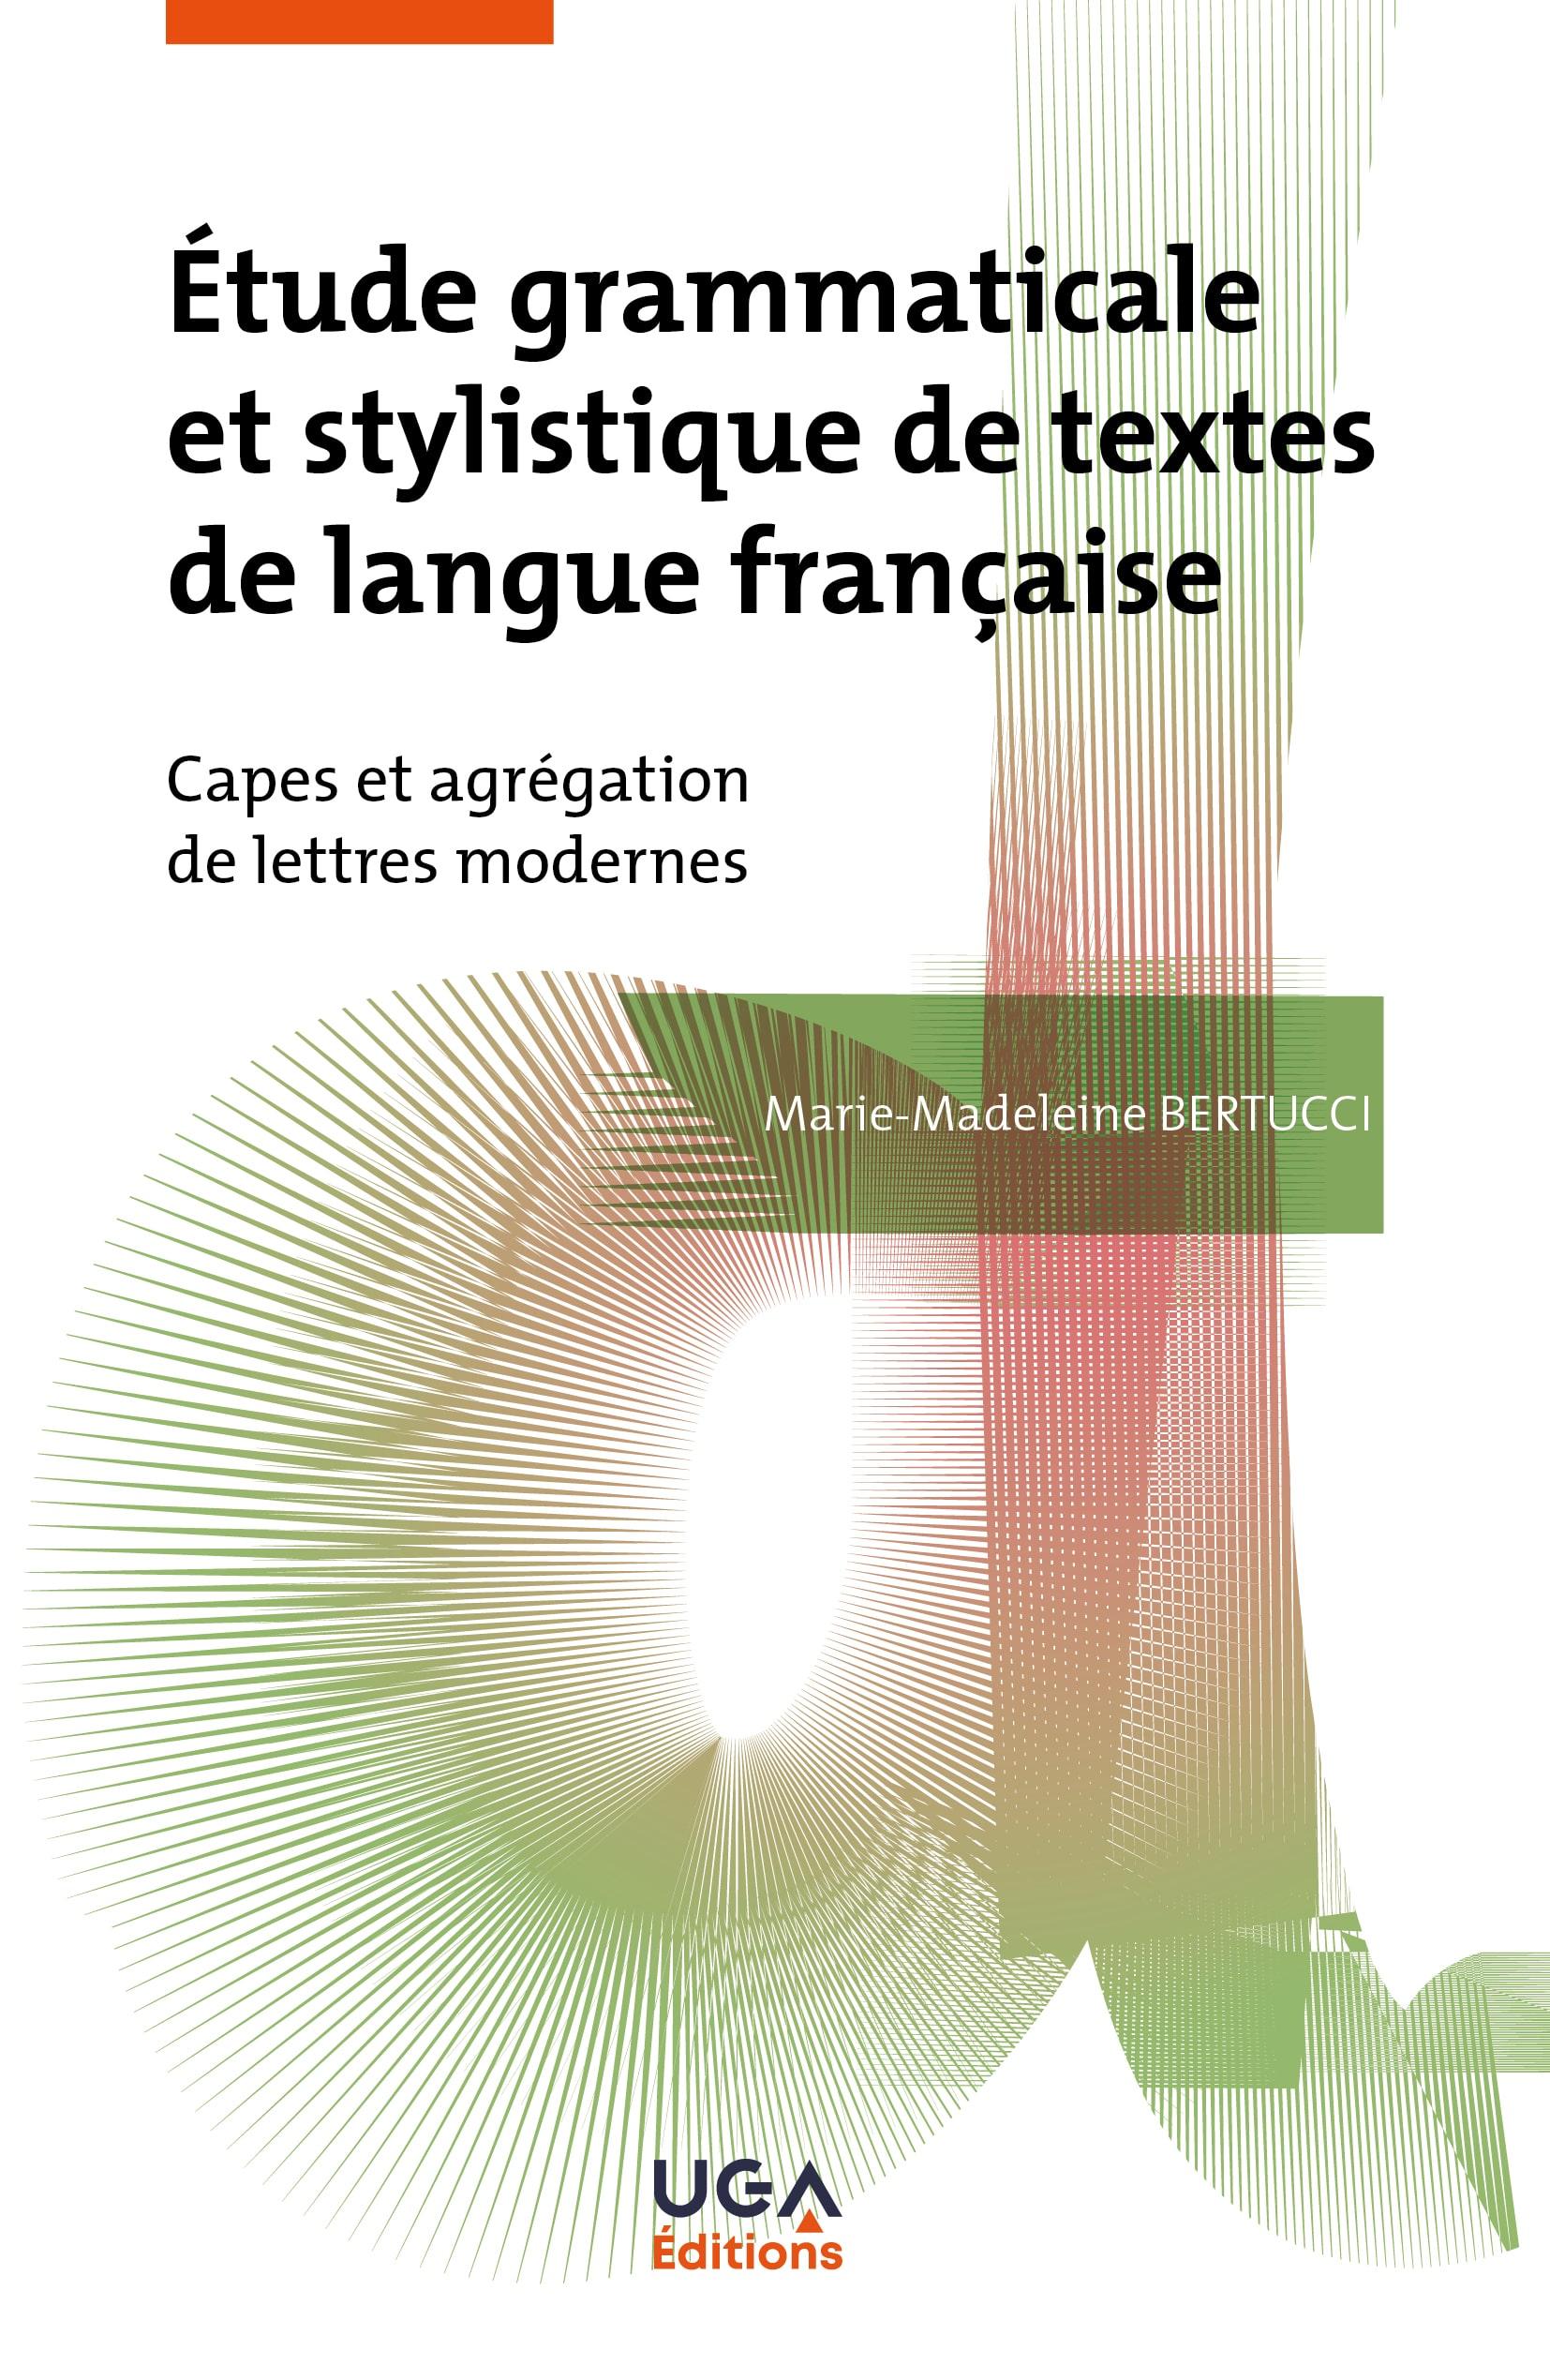 M.-M. Bertucci, Étude grammaticale et stylistique de textes de langue française. Capes et agrégation de lettres modernes